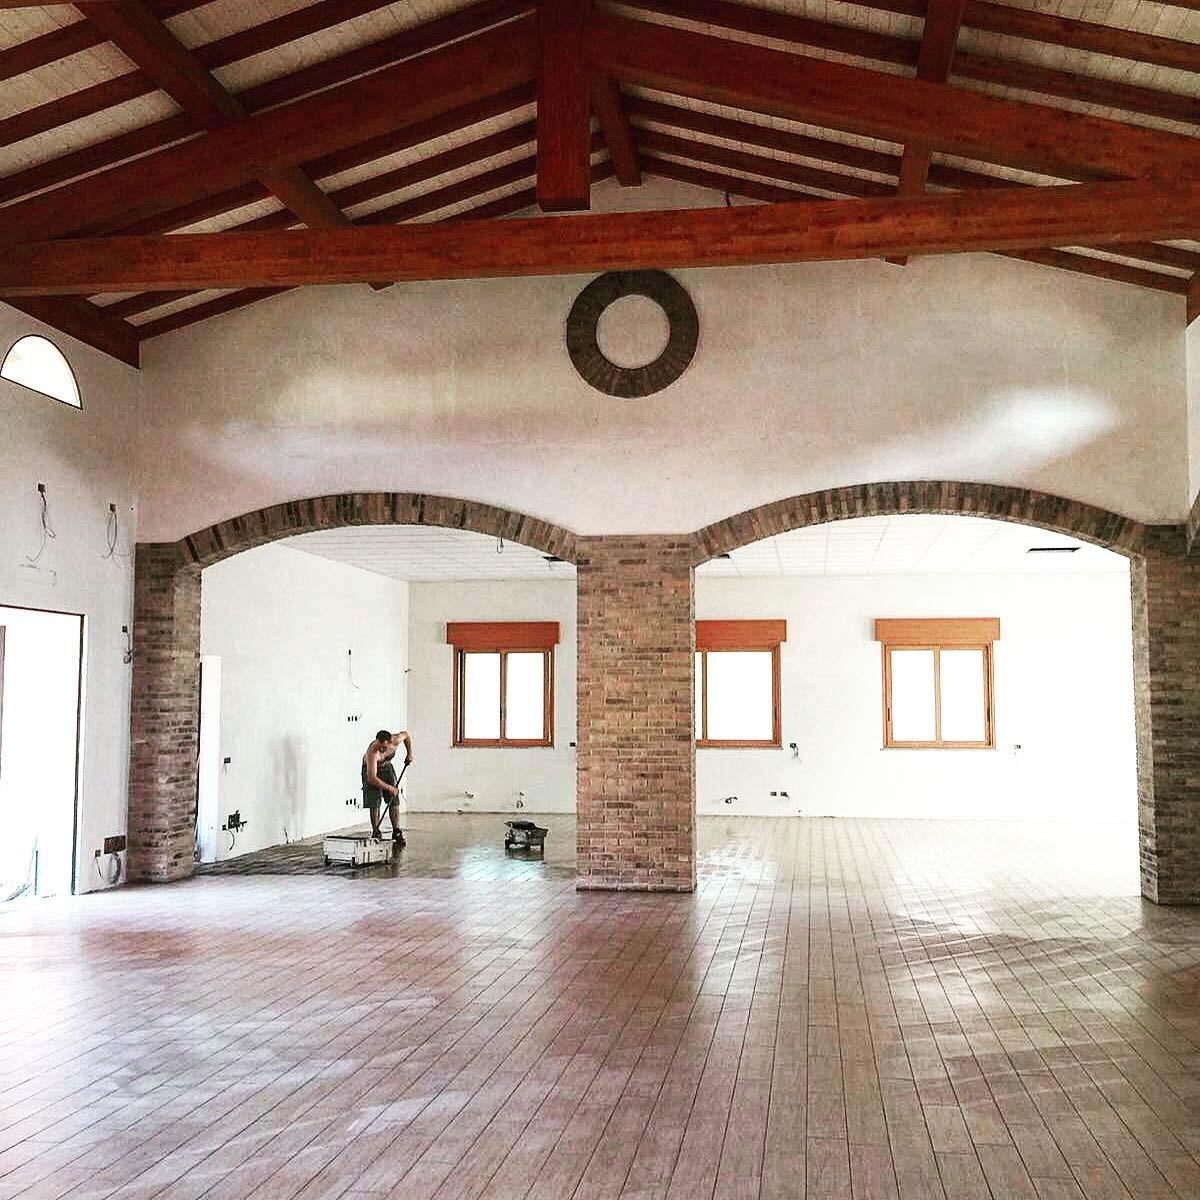 Ripulendo il interno di un edificio con il suolo ricostruito